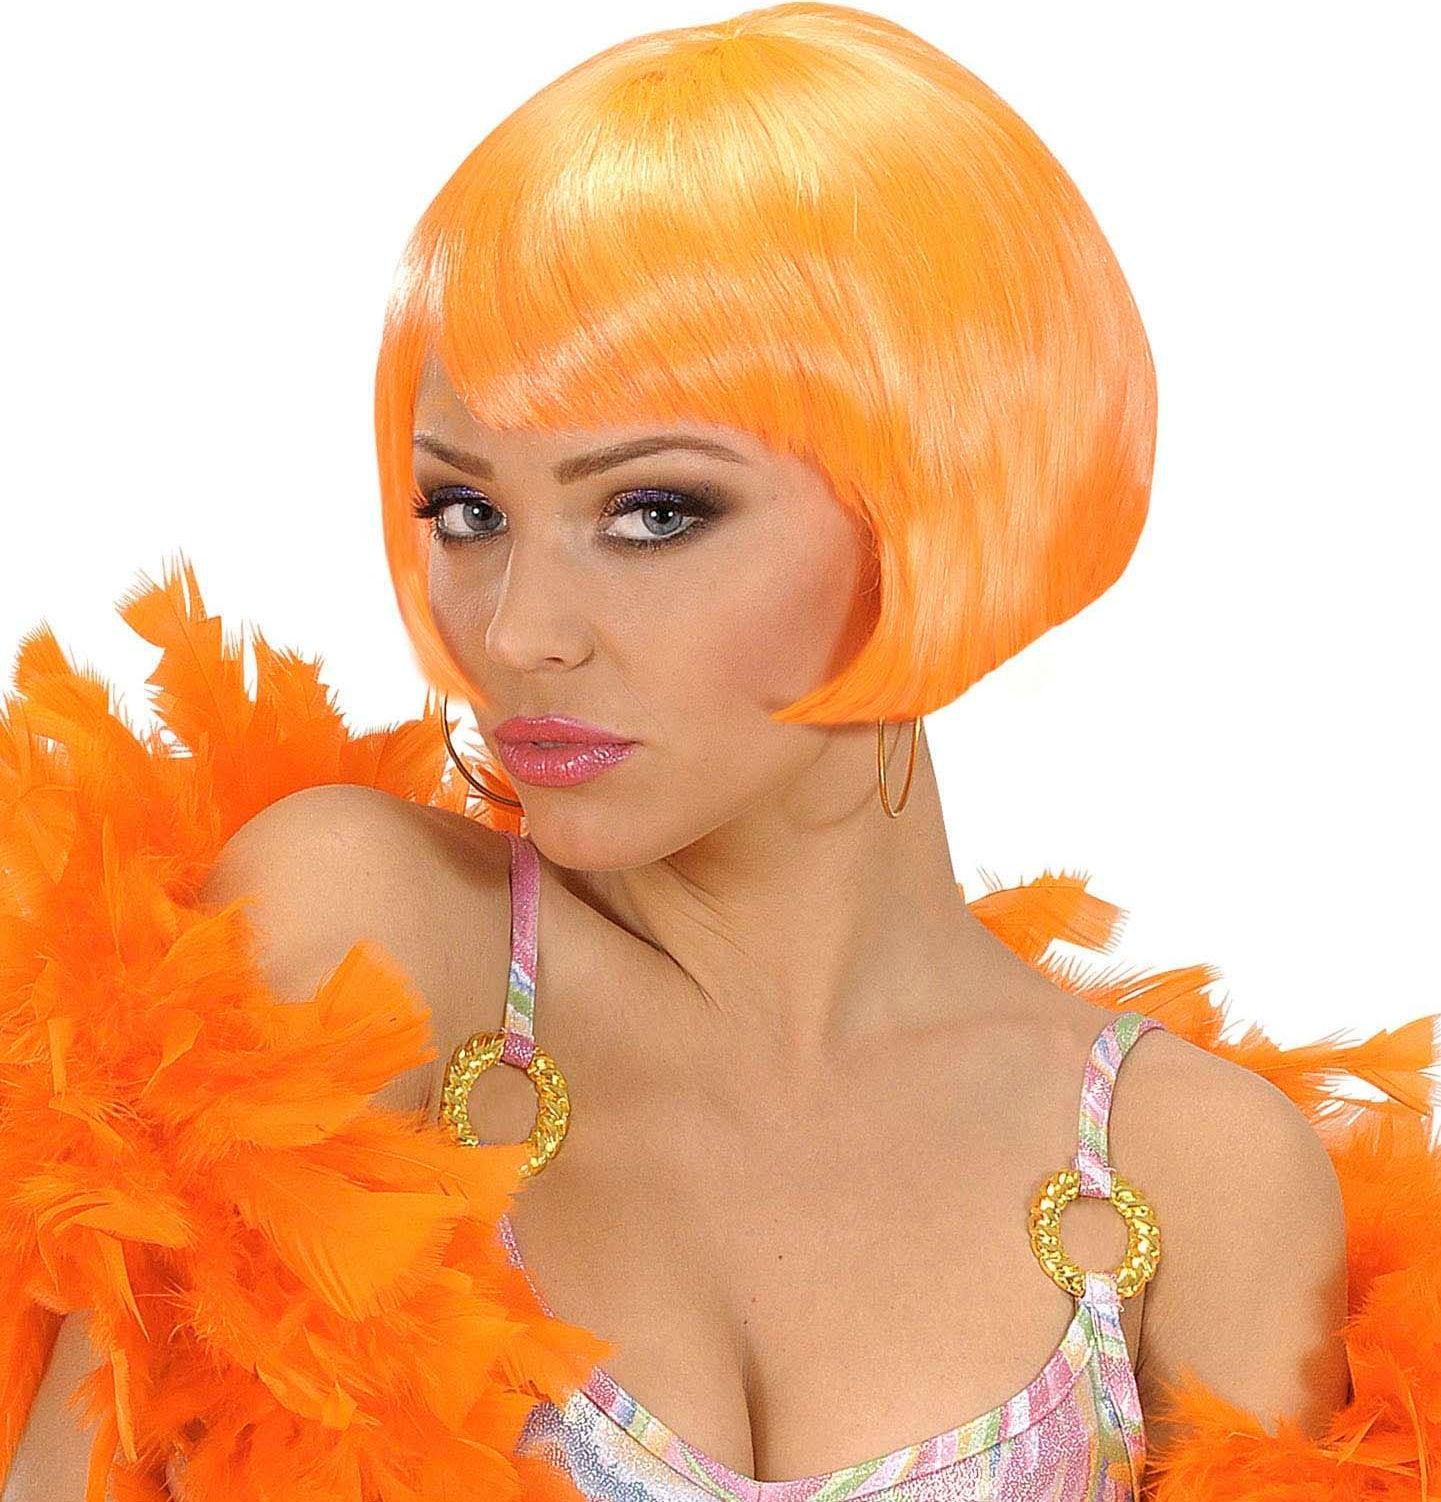 Oranje valentina pruik